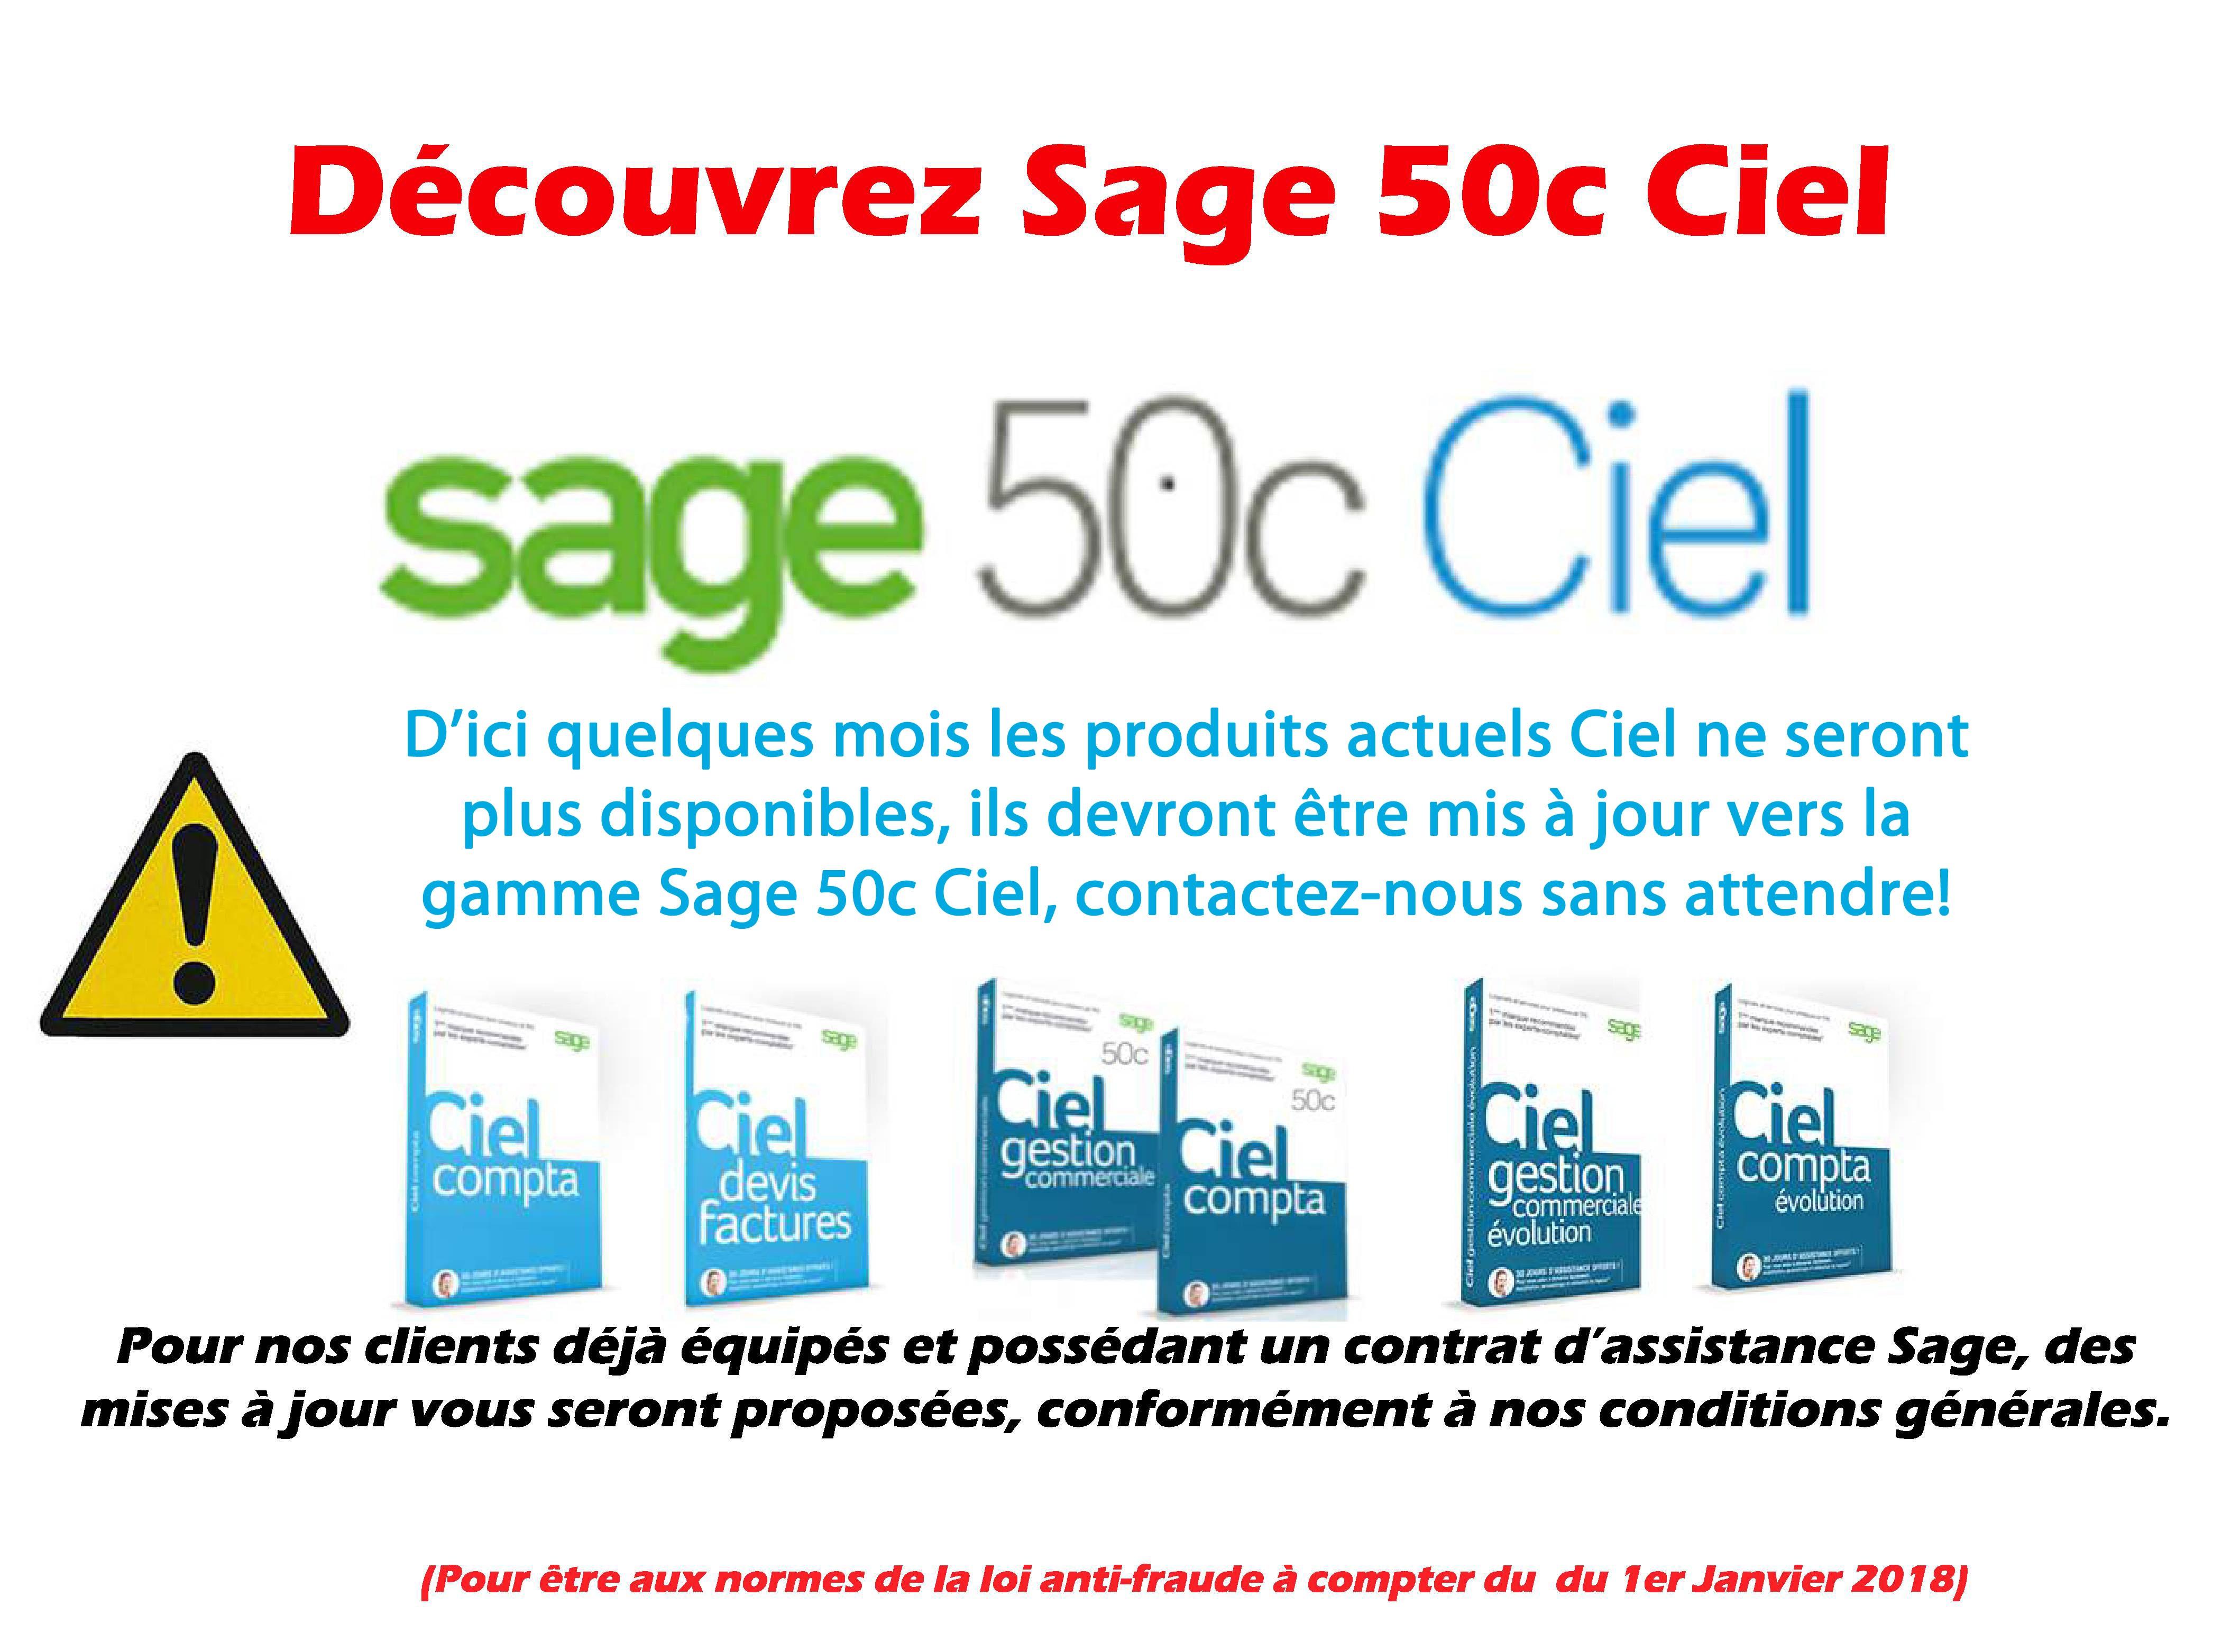 Nouvelle Gamme Sage 50c Ciel